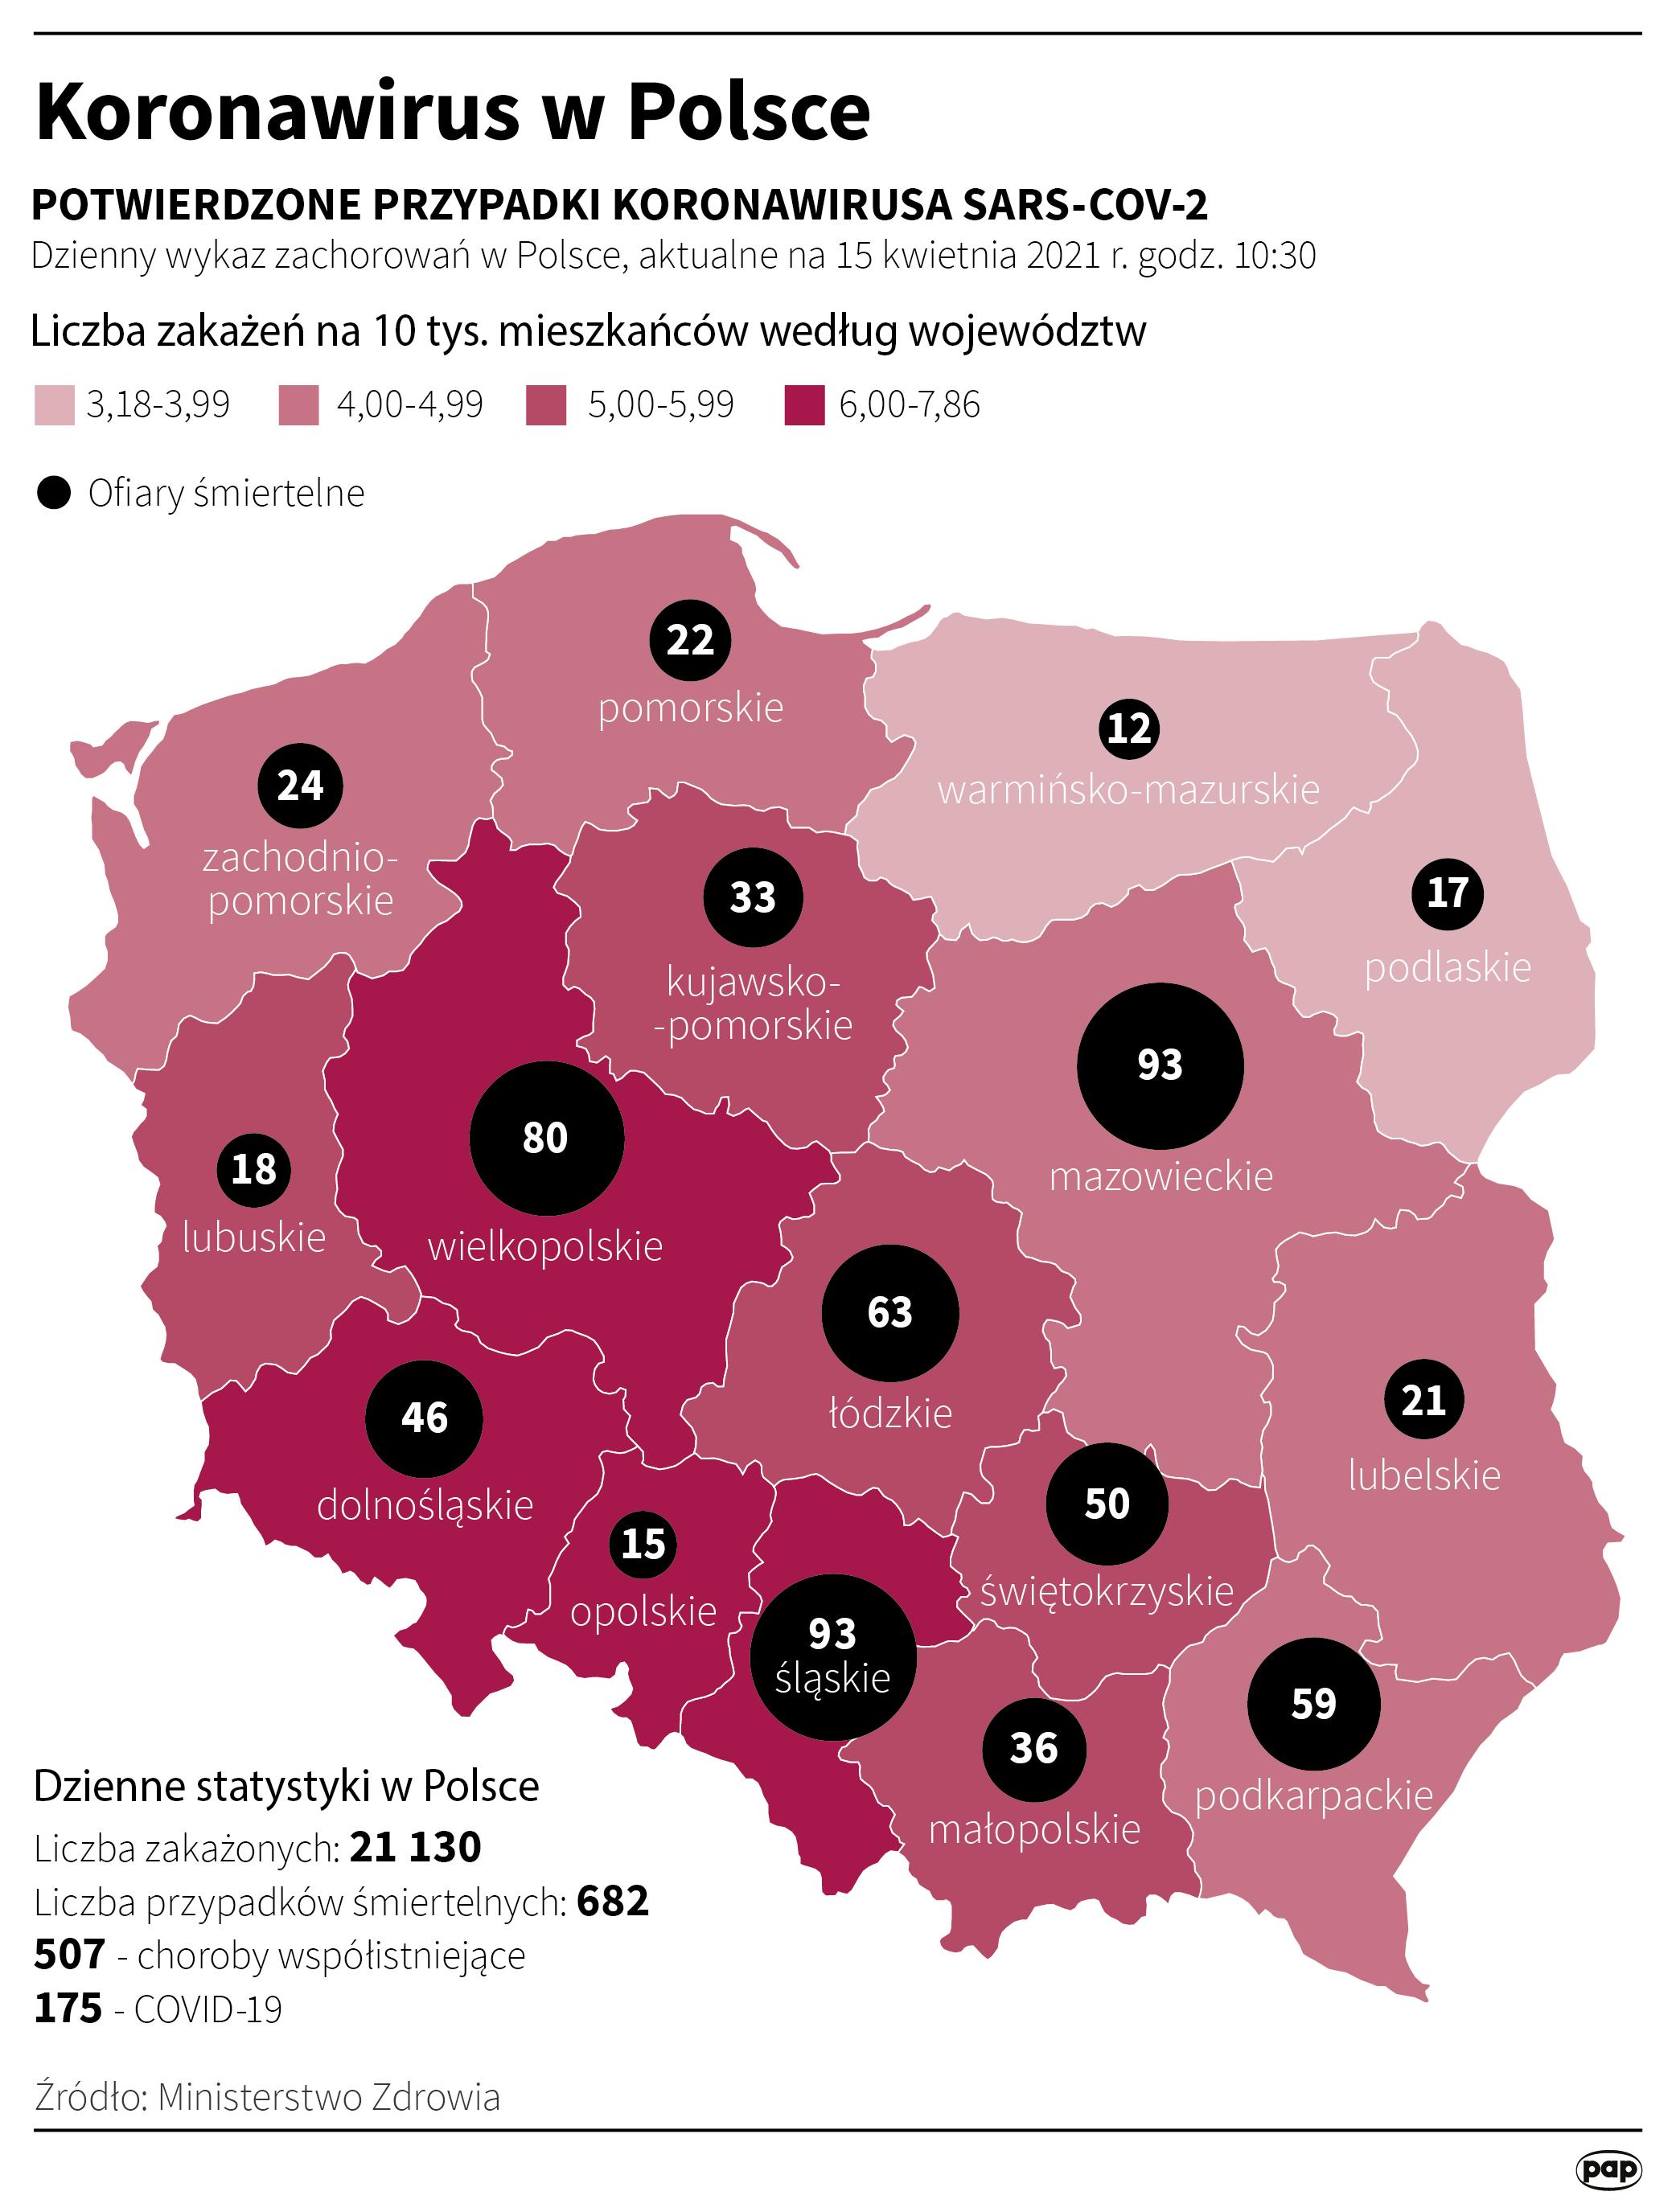 Koronawirus w Polsce stan na 15 kwietnia [autor: Maciej Zieliński, źródło: PAP]